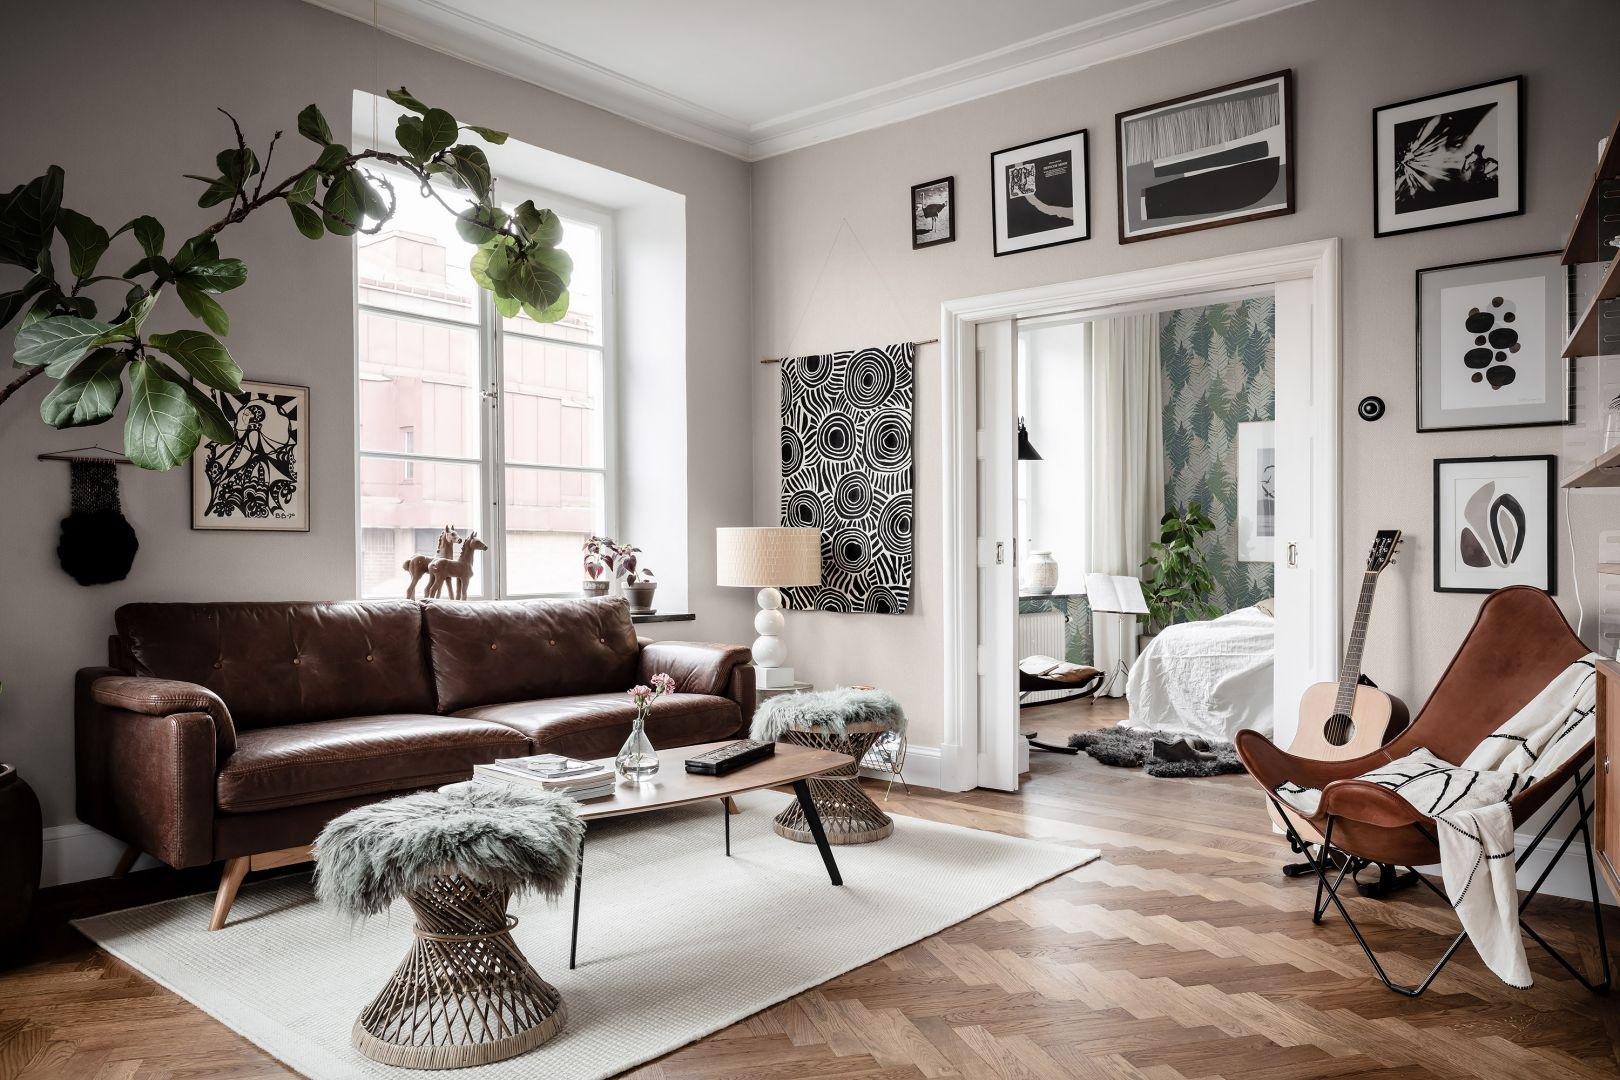 Salon w skandynawskim stylu ze ścianami udekorowanymi czarno-białymi grafikami i jasną tapetą Boras Tapeter. Sprzedaż: Impresje.pl